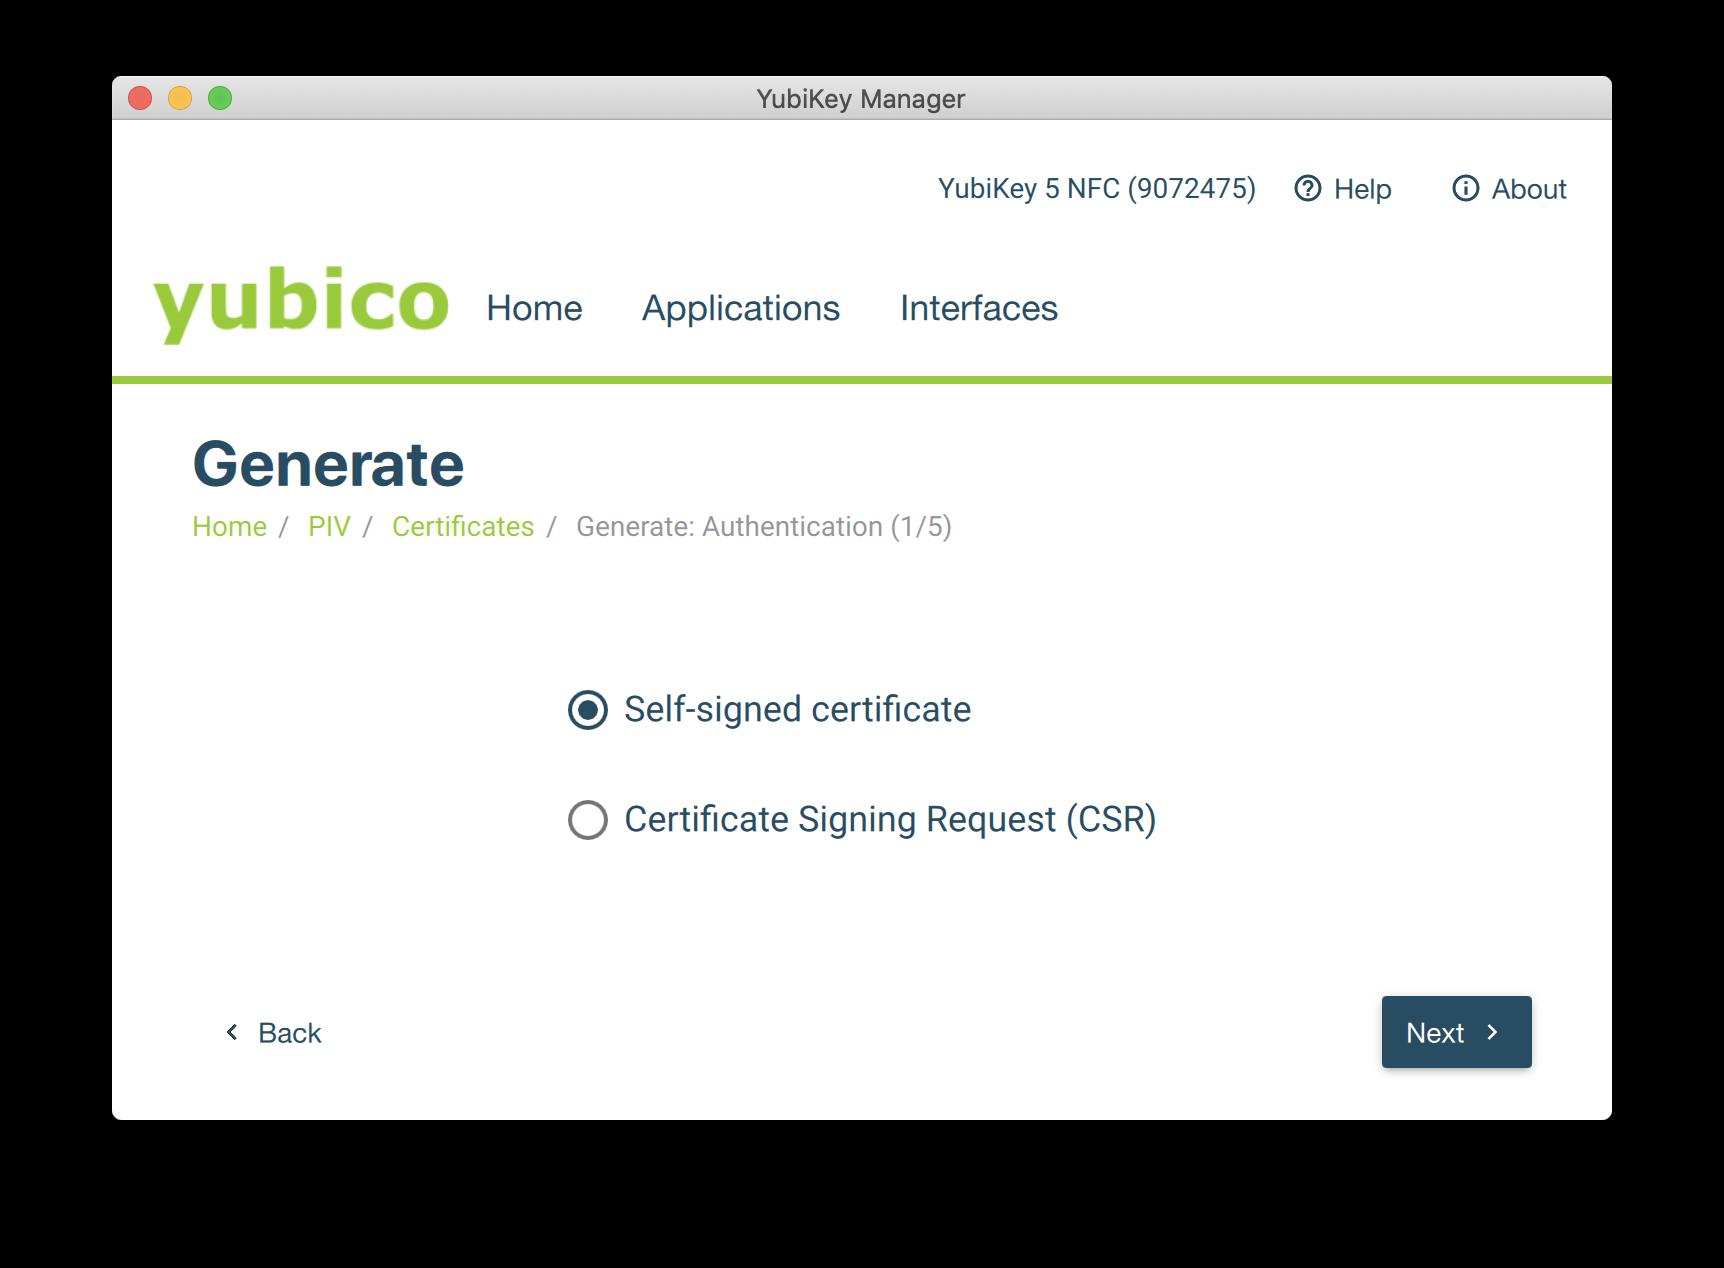 เซ็นต์เอกสารอย่างปลอดภัยด้วย Yubikey และ Digital Signature